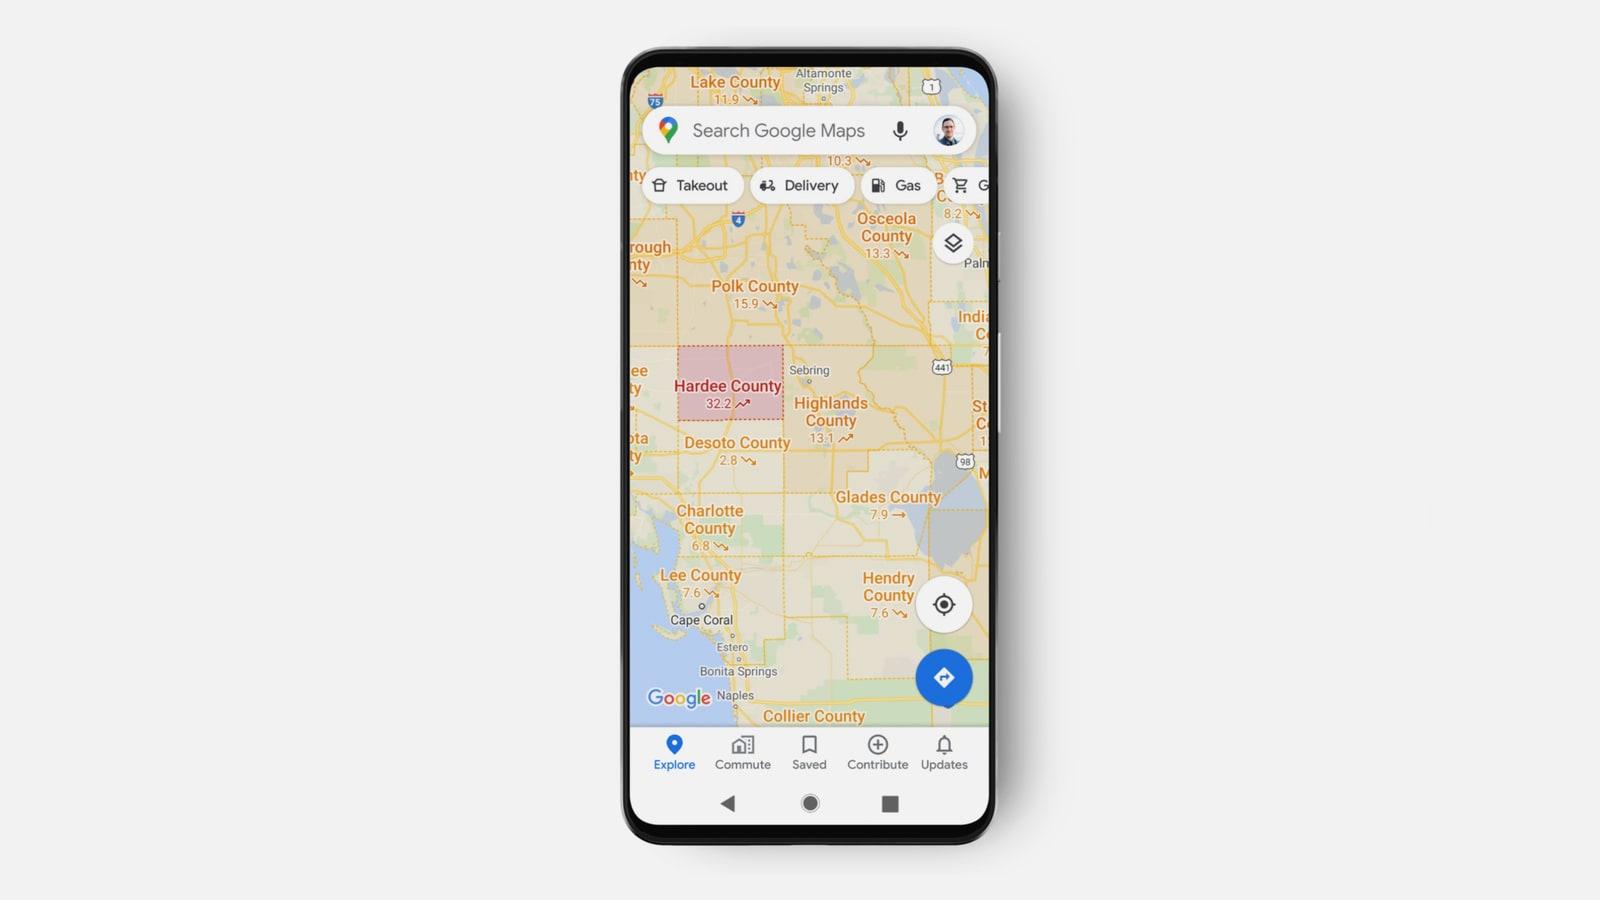 خرائط غوغل تحدّث تصميمها.. إليكم مظهرها الجديد